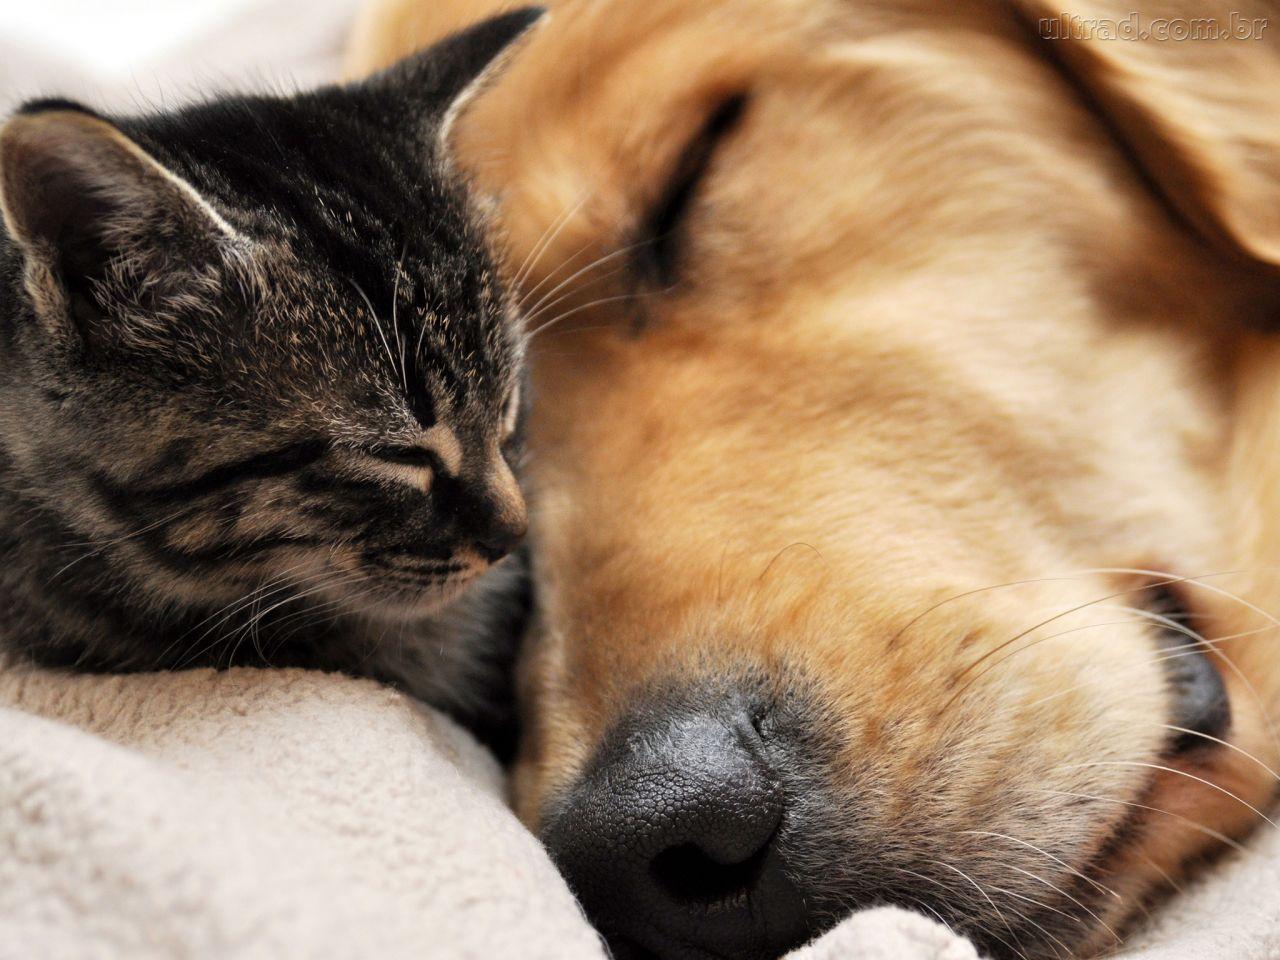 animais domesticos ser mae - PODE SER PROBLEMA DE CORAÇÃO?